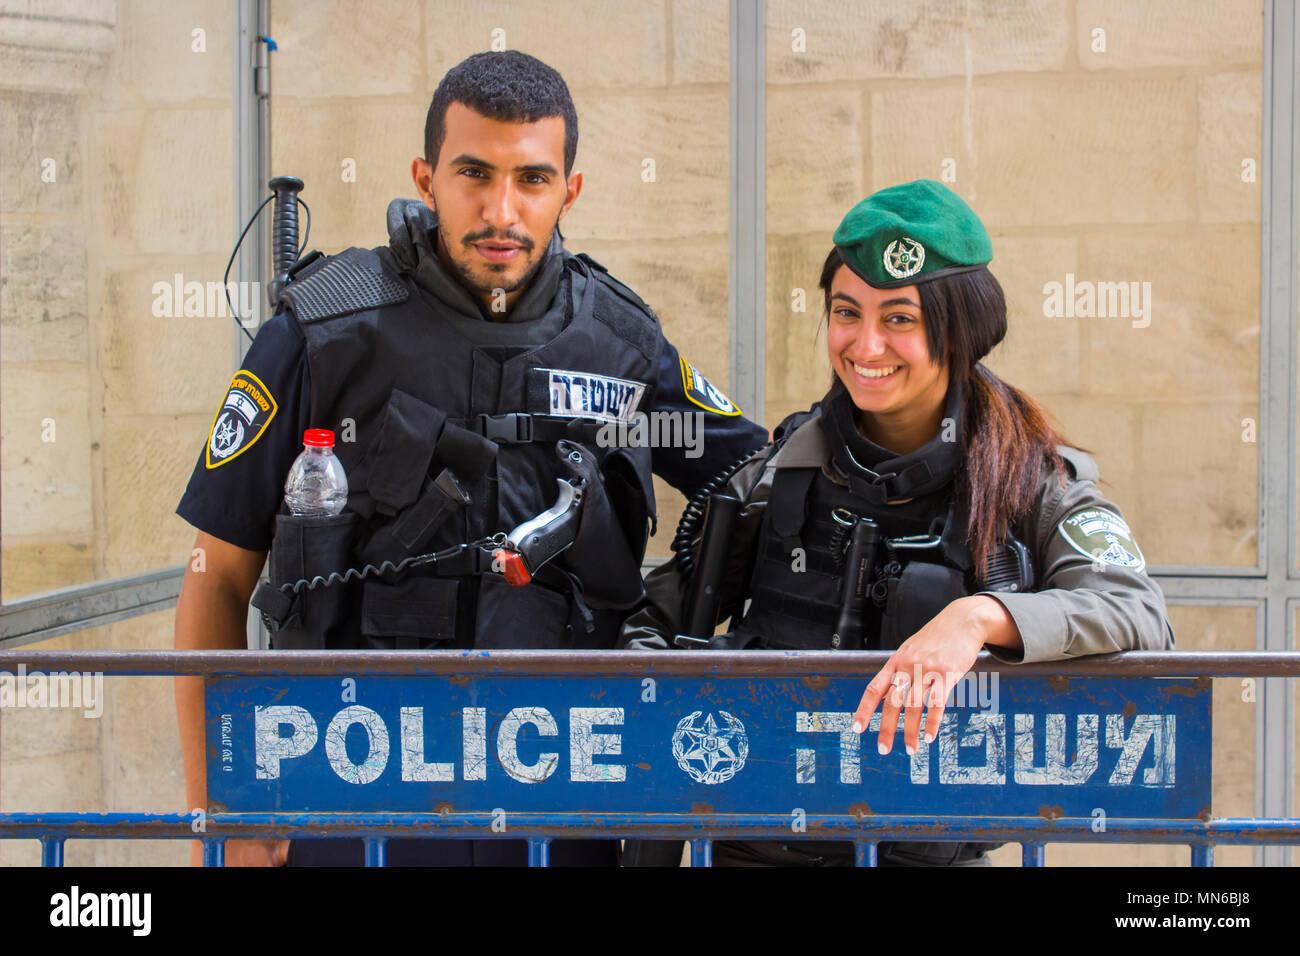 Vía Dolorosa, Jerusalén Israel Una amable mujer joven policía israelí y posar para las fotos justo antes de los 70 años celebraciones de la independencia. Imagen De Stock